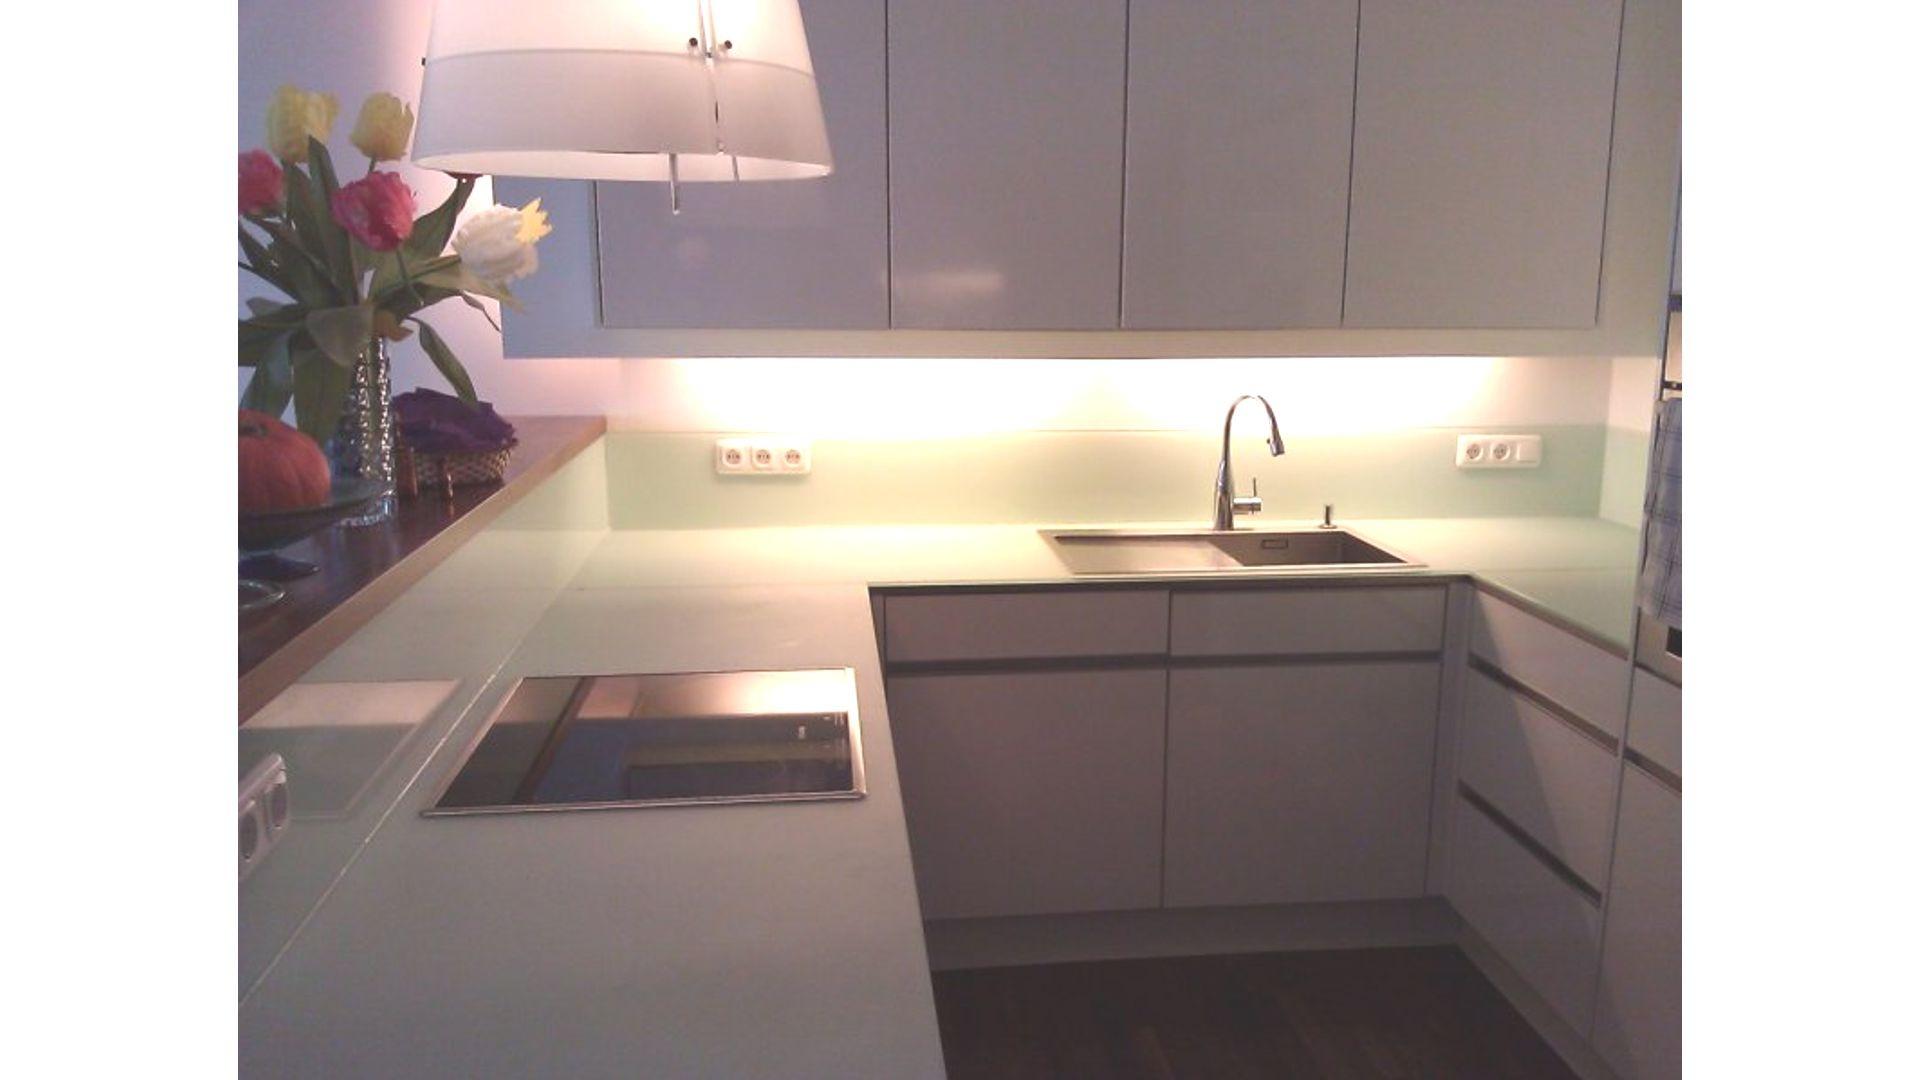 glasr ckwand als k chenr ckwand und f r duschenw nde glas voit gmbh glas voit gmbh. Black Bedroom Furniture Sets. Home Design Ideas